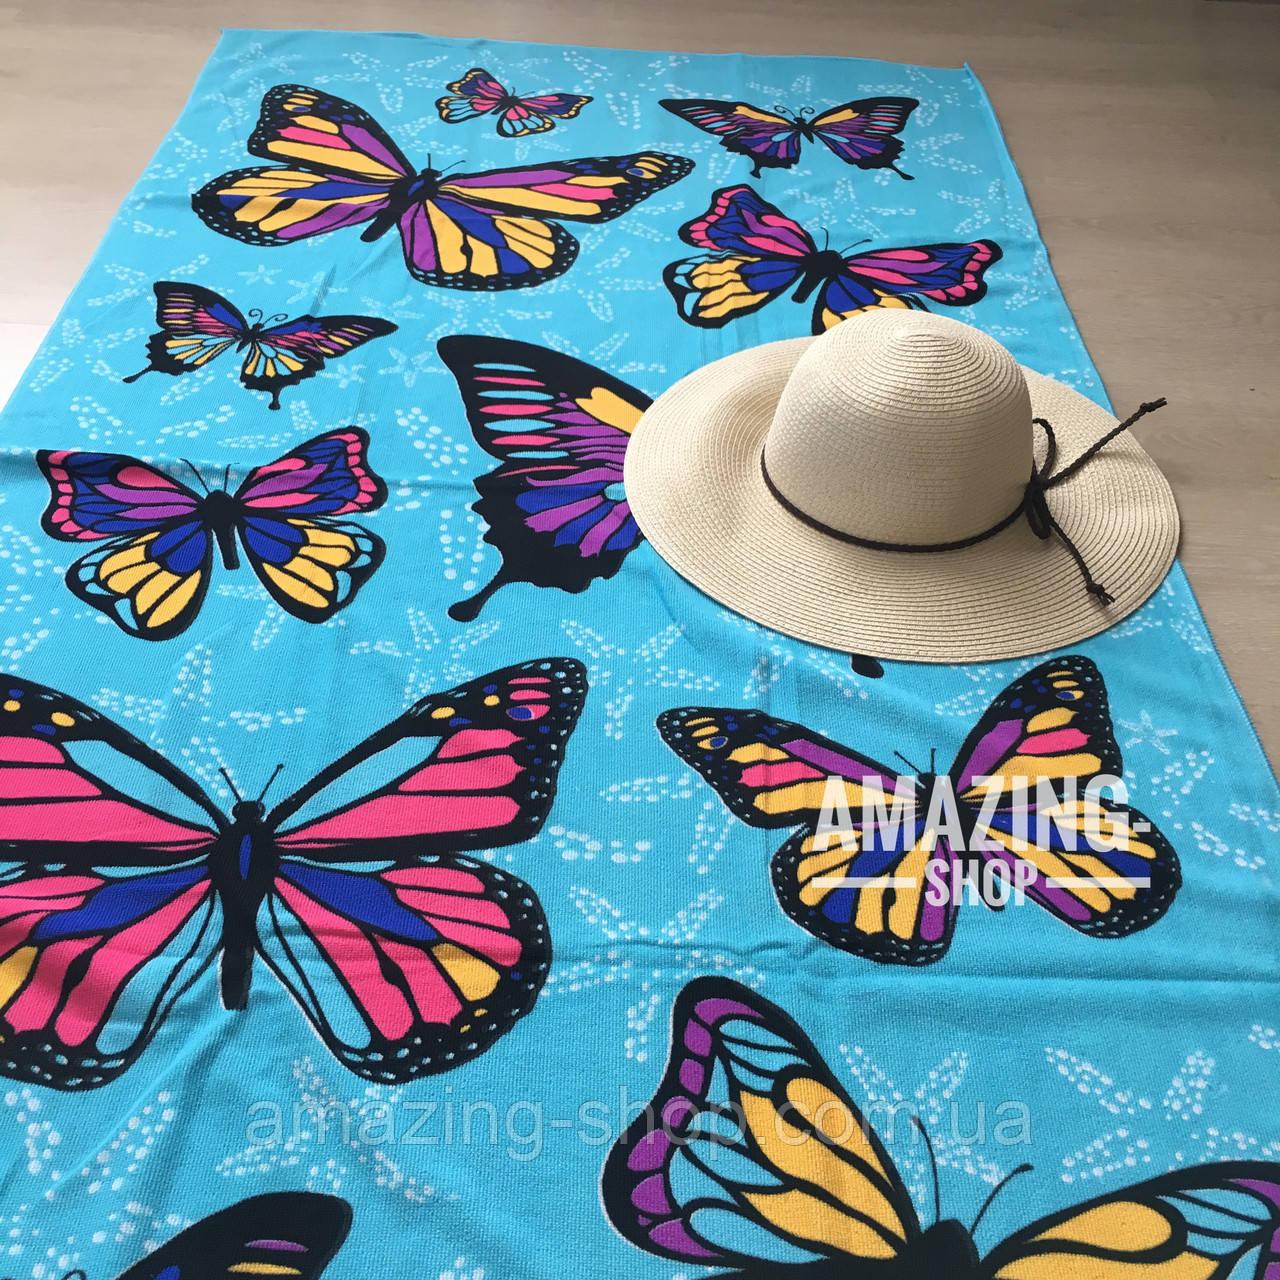 """Пляжний рушник   Пляжний плед   Пляжний килимок   """"Метелики"""" Розмір 170*86 див."""